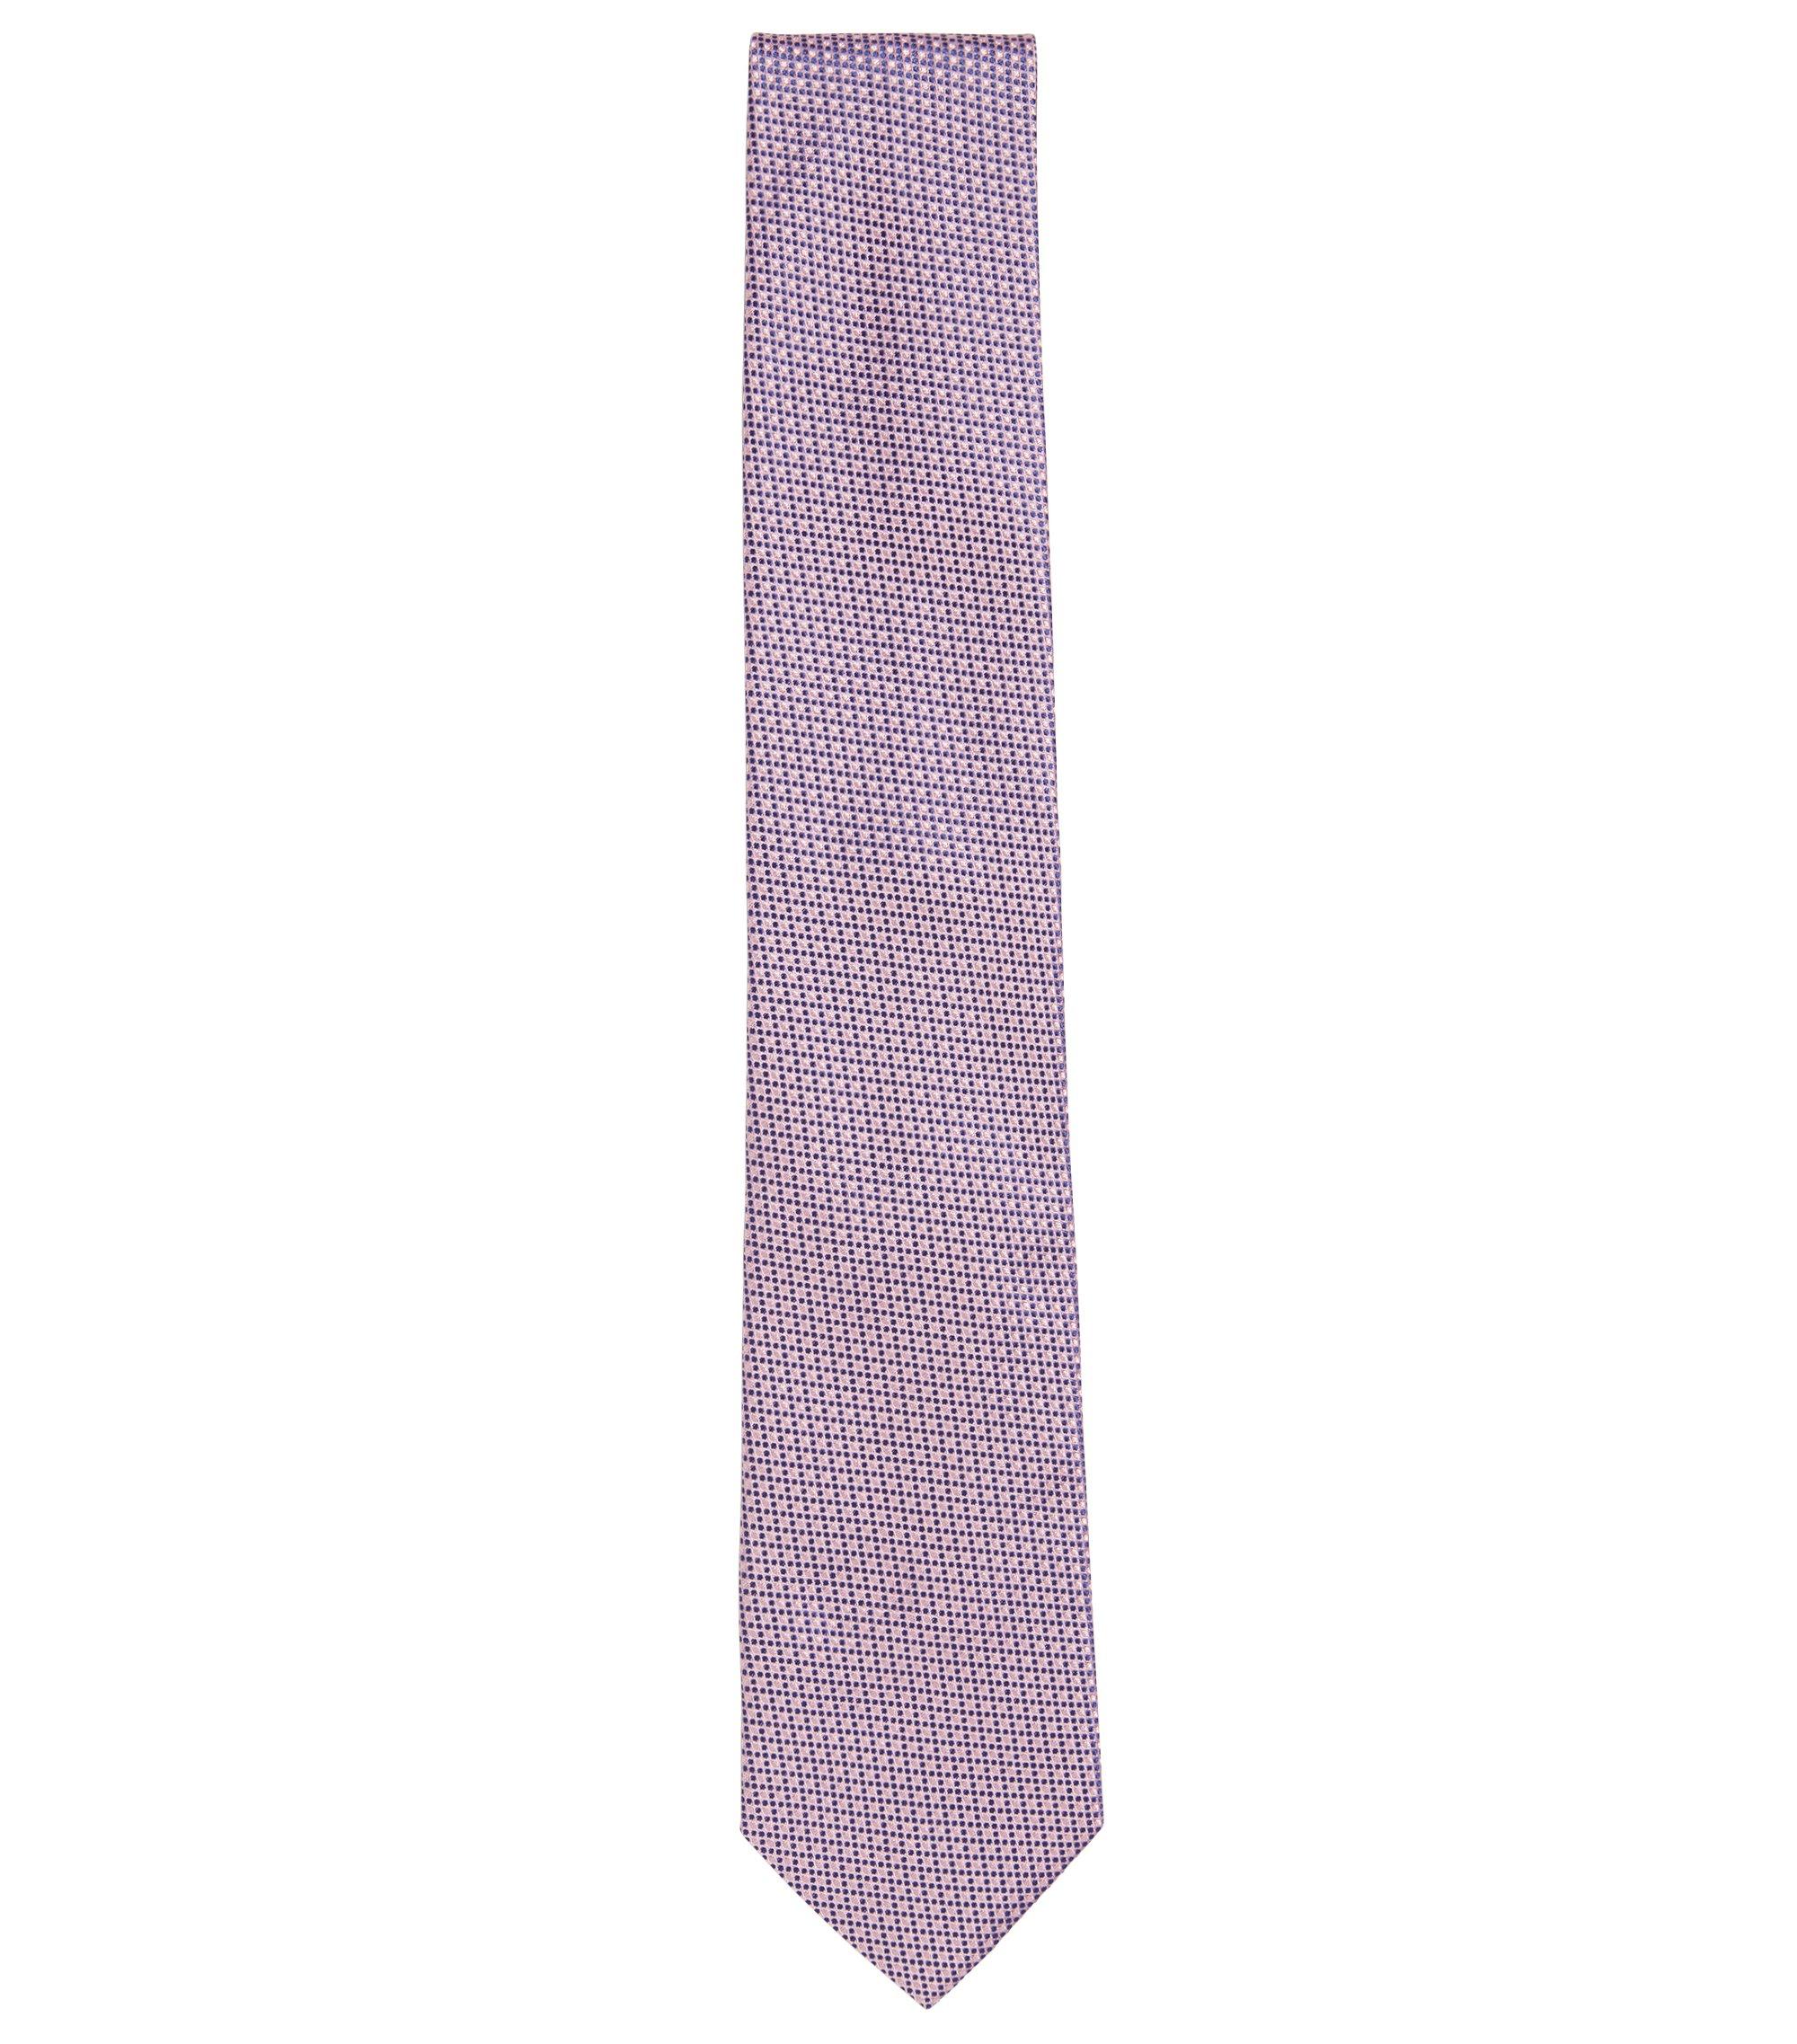 Patterned Italian Silk Tie, Light Purple